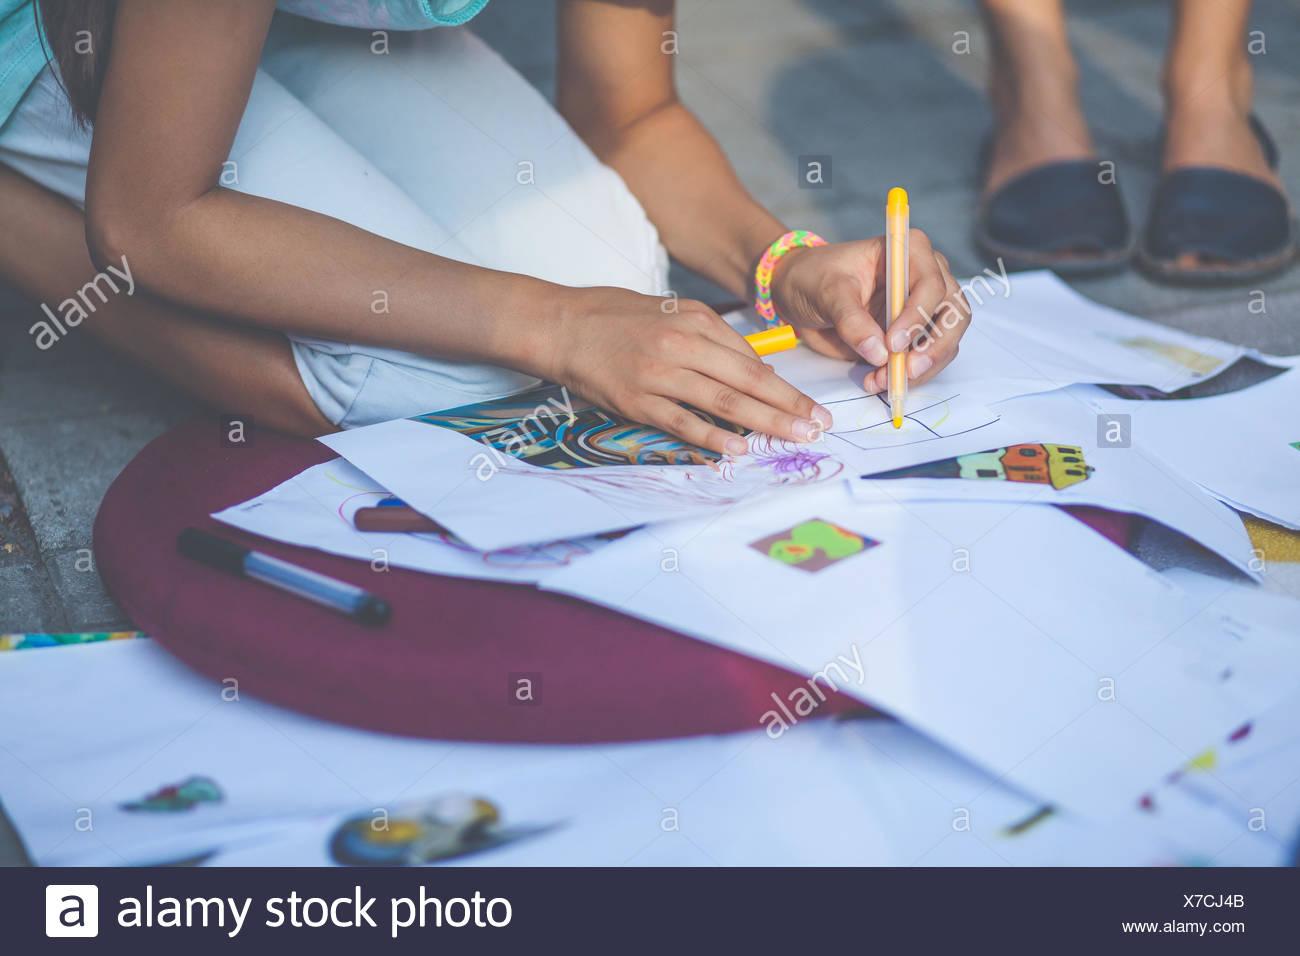 Chica de rodillas en el suelo el dibujo Imagen De Stock